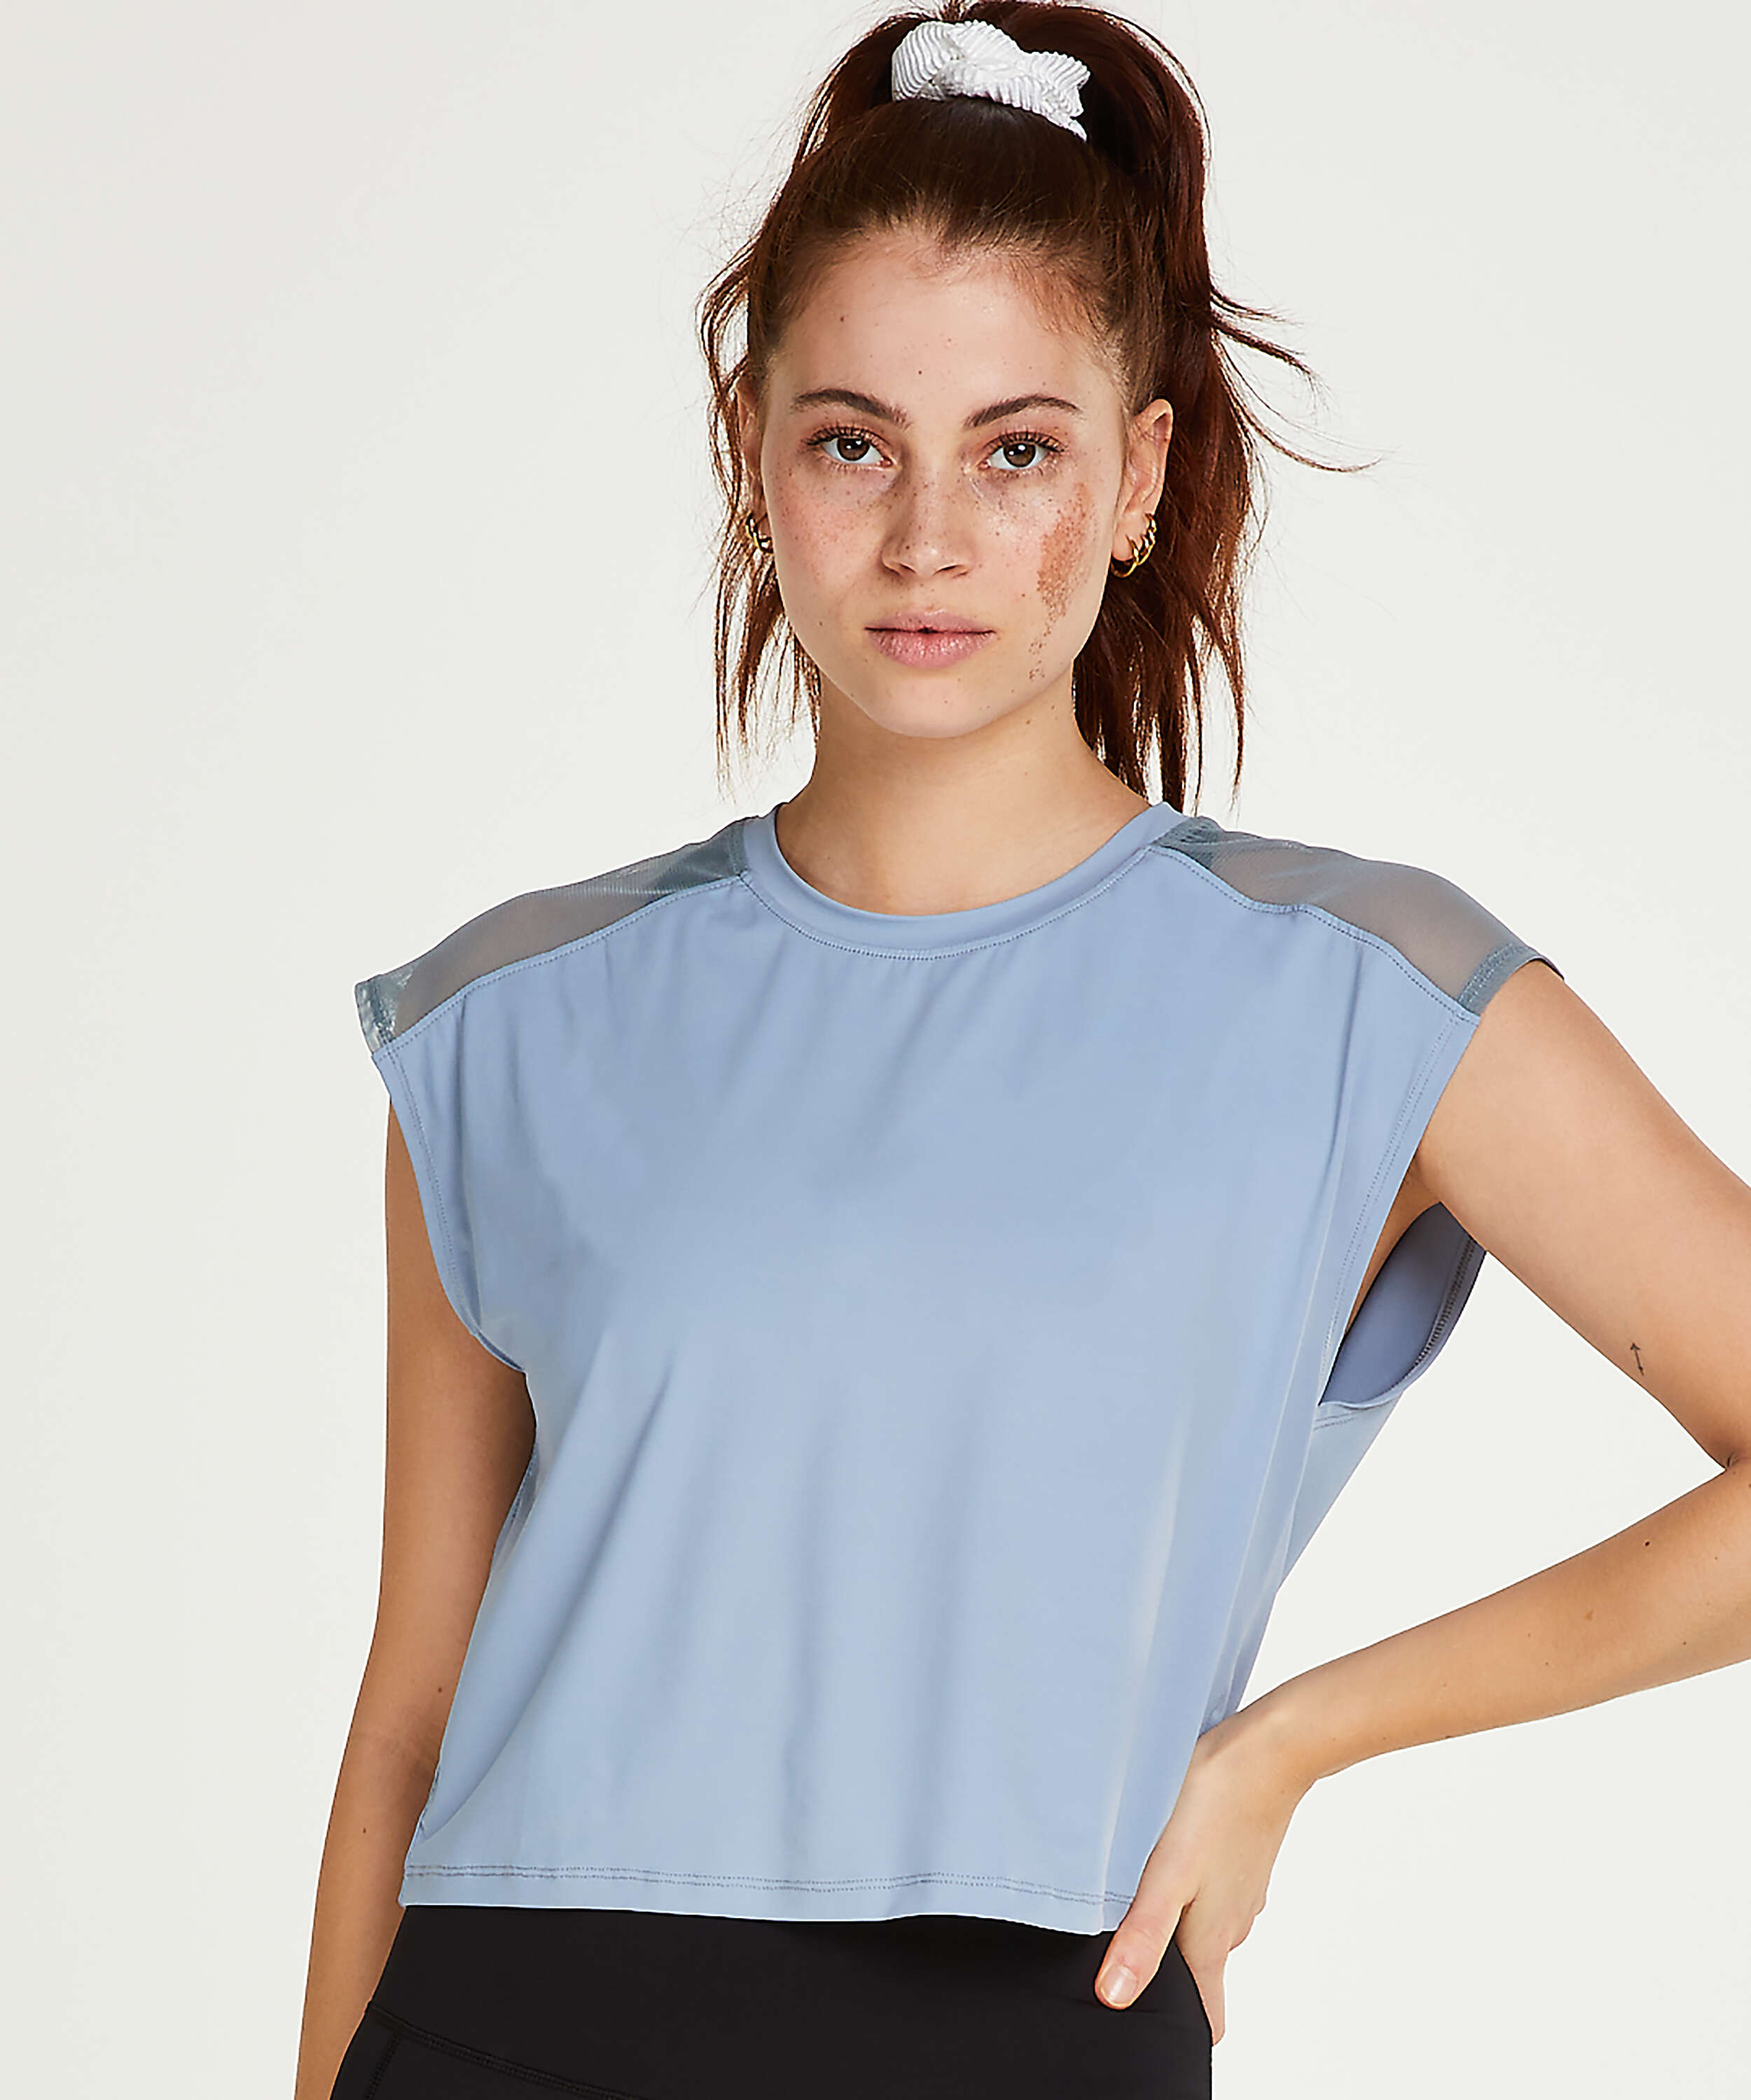 HKMX Sport T-Shirt Joya, Blau, main